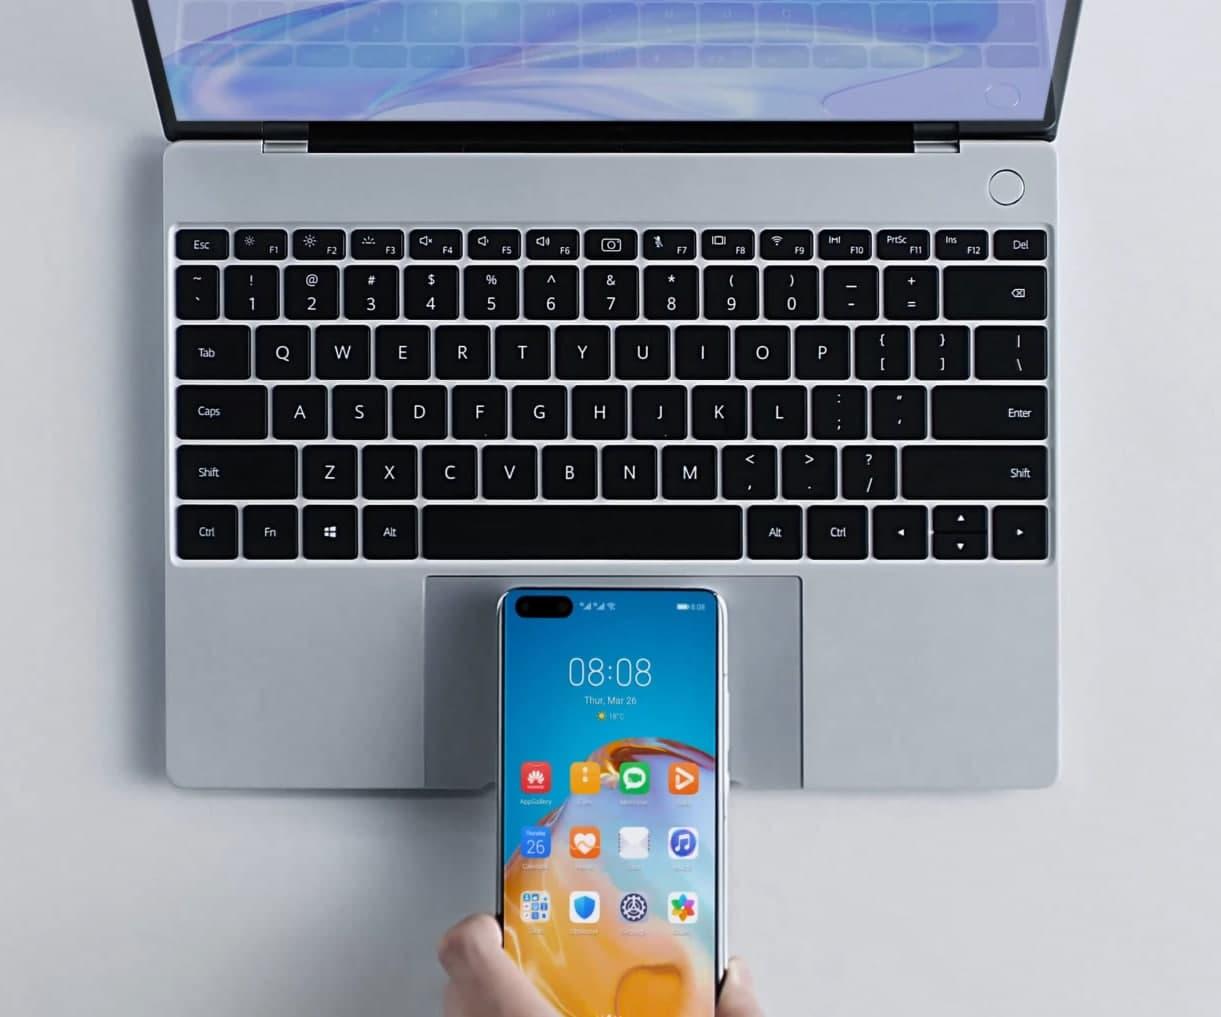 نرم افزار اتصال گوشی هواوی به کامپیوتر